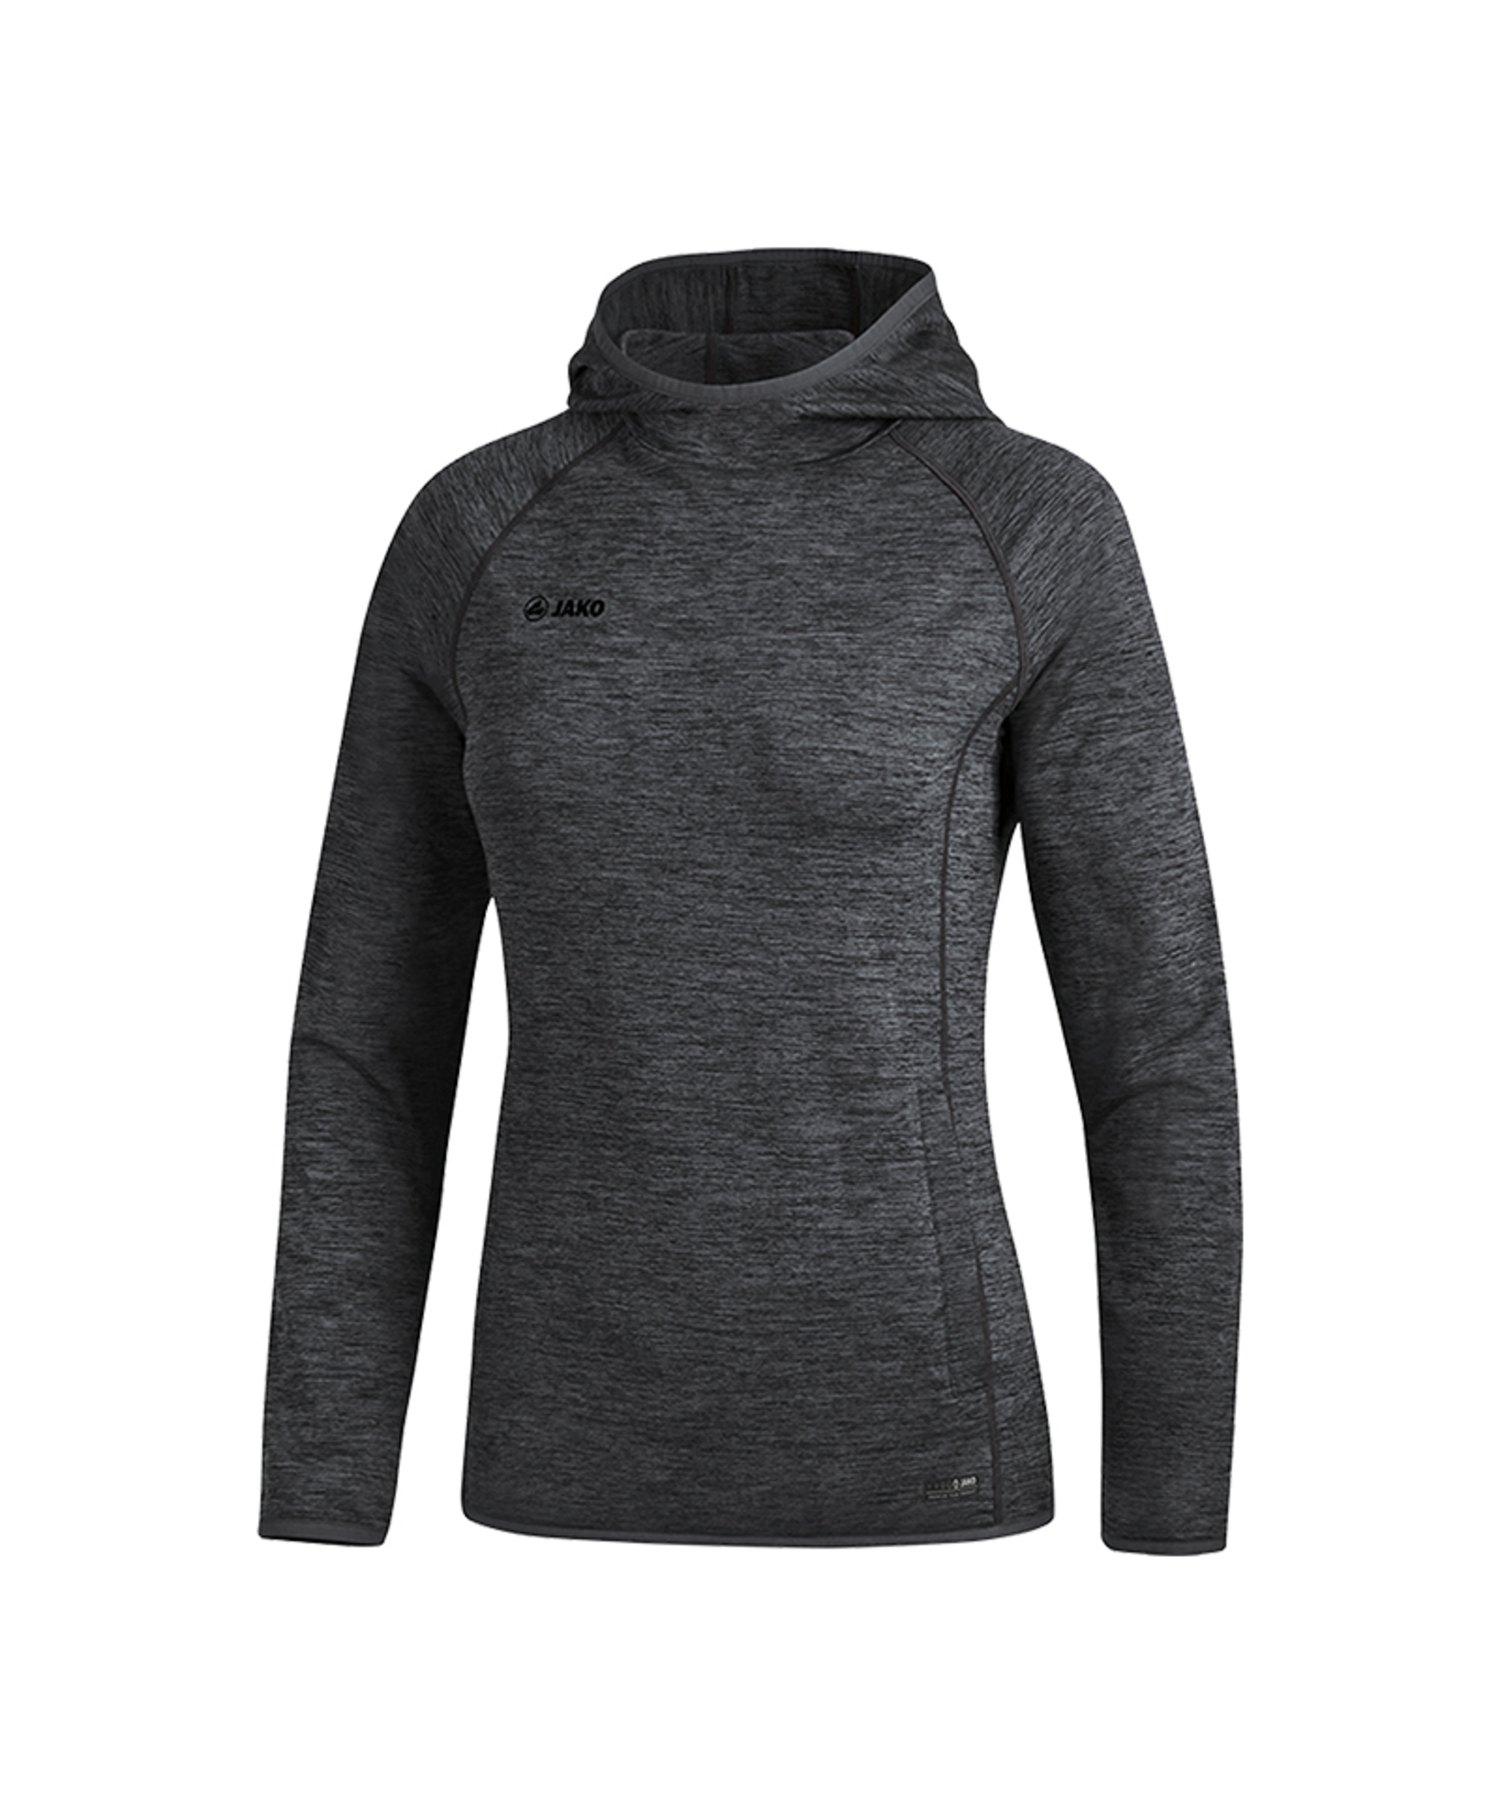 Jako Active Kapuzensweatshirt Damen Schwarz F08 - Schwarz